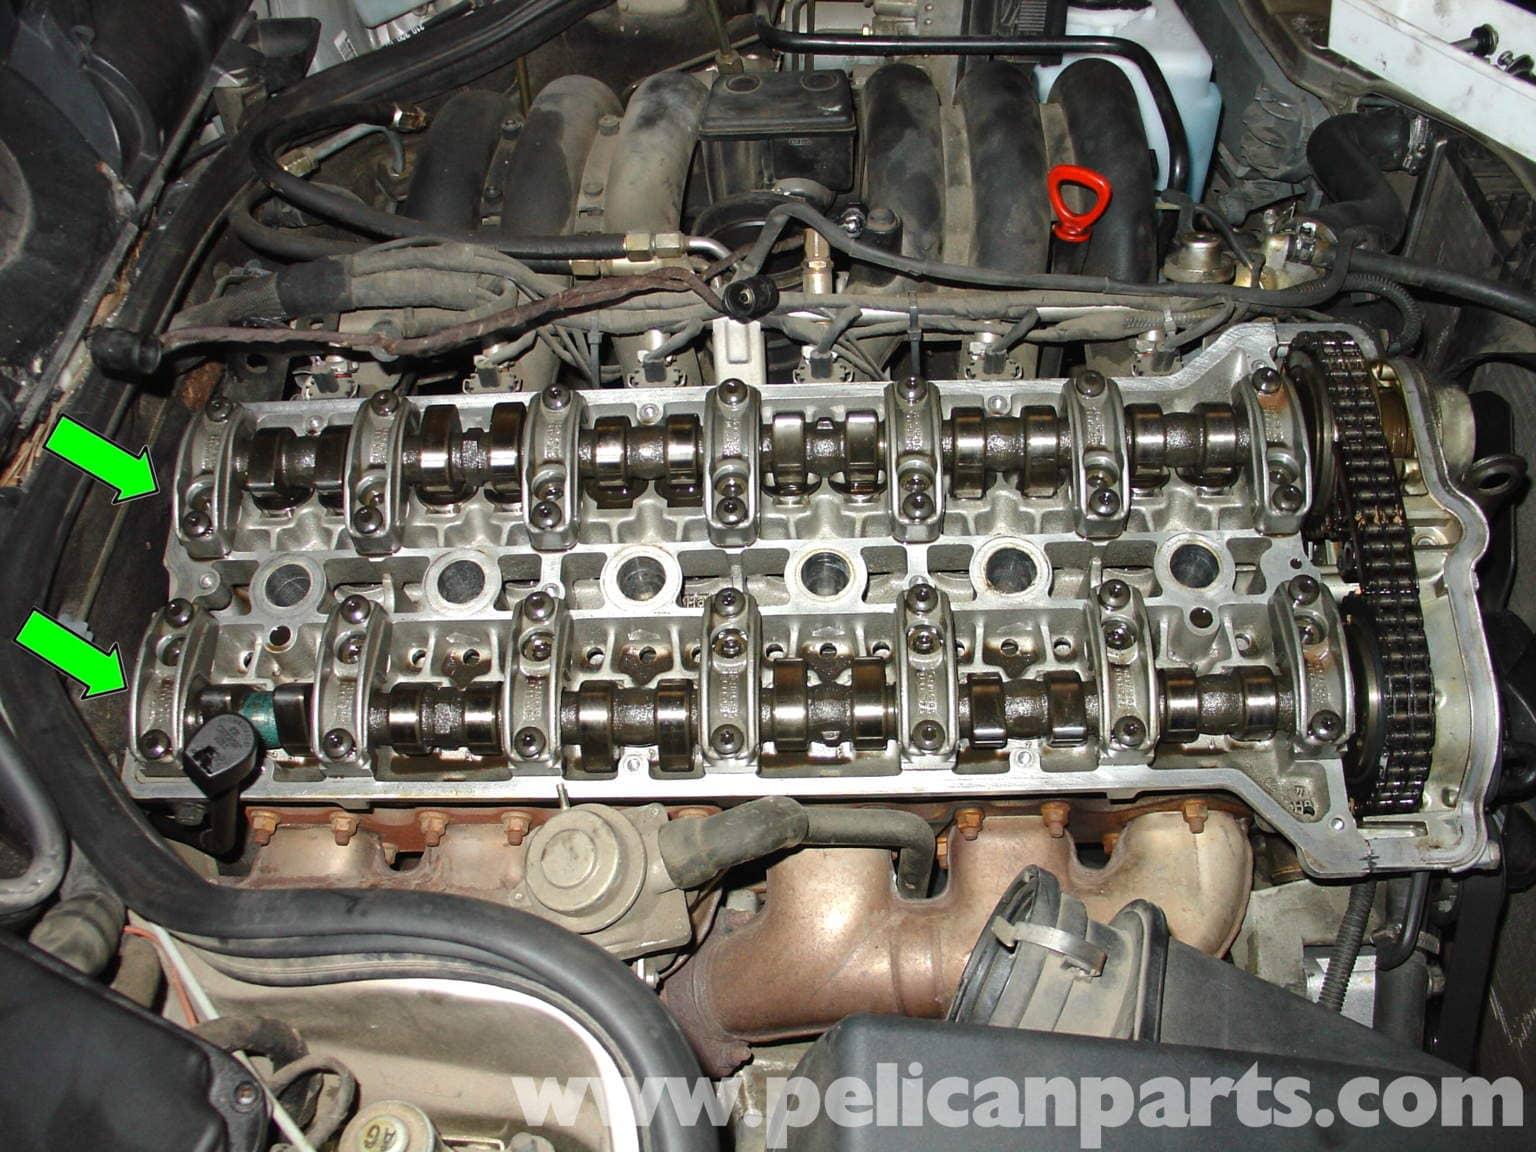 diagram of 1997 mercedes e420 engine wiring diagram update Mercedes E420 Parts diagram of 1997 mercedes e420 engine wiring diagrams wd 1997 mercedes s420 engine diagram of 1997 mercedes e420 engine